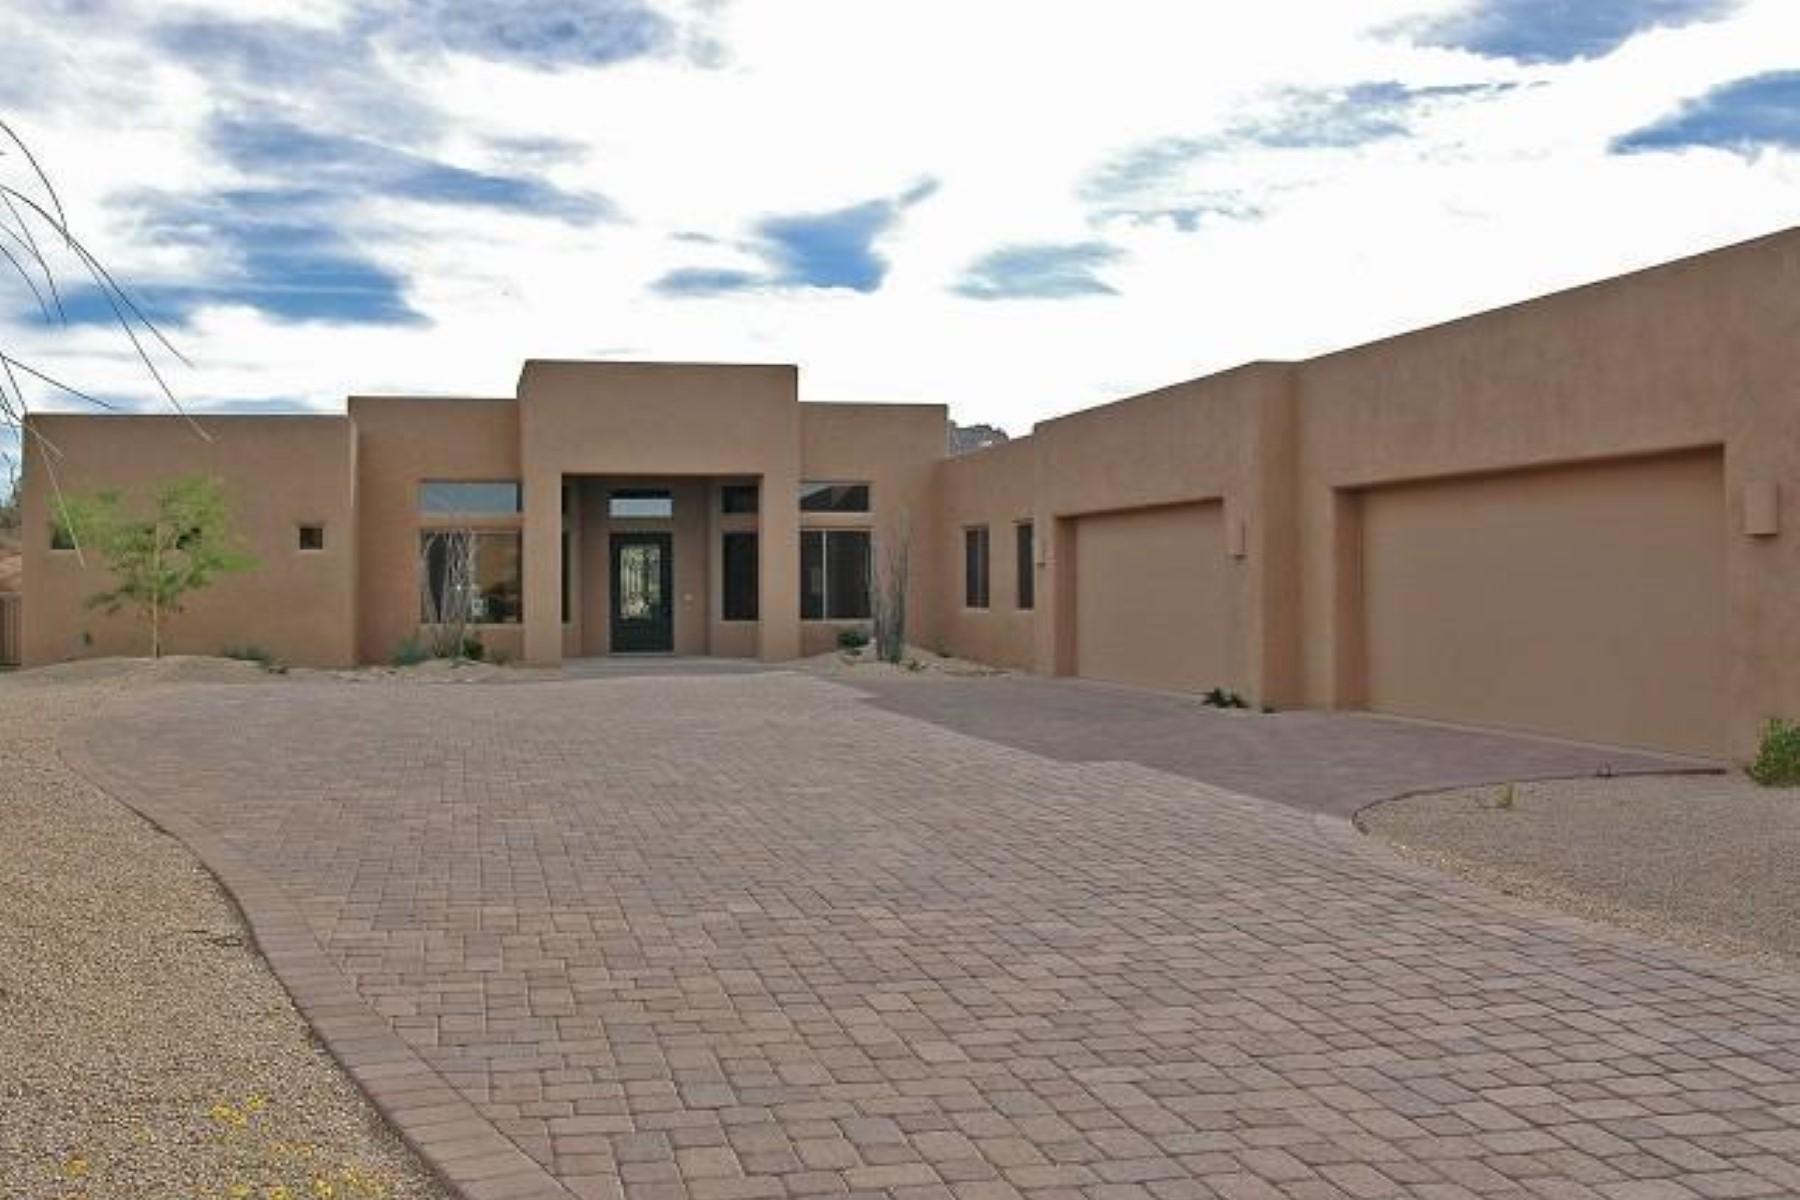 Casa Unifamiliar por un Venta en Spectacular La Blonde home in gated Troon North. 11313 E Whitehorn Dr. Scottsdale, Arizona 85262 Estados Unidos